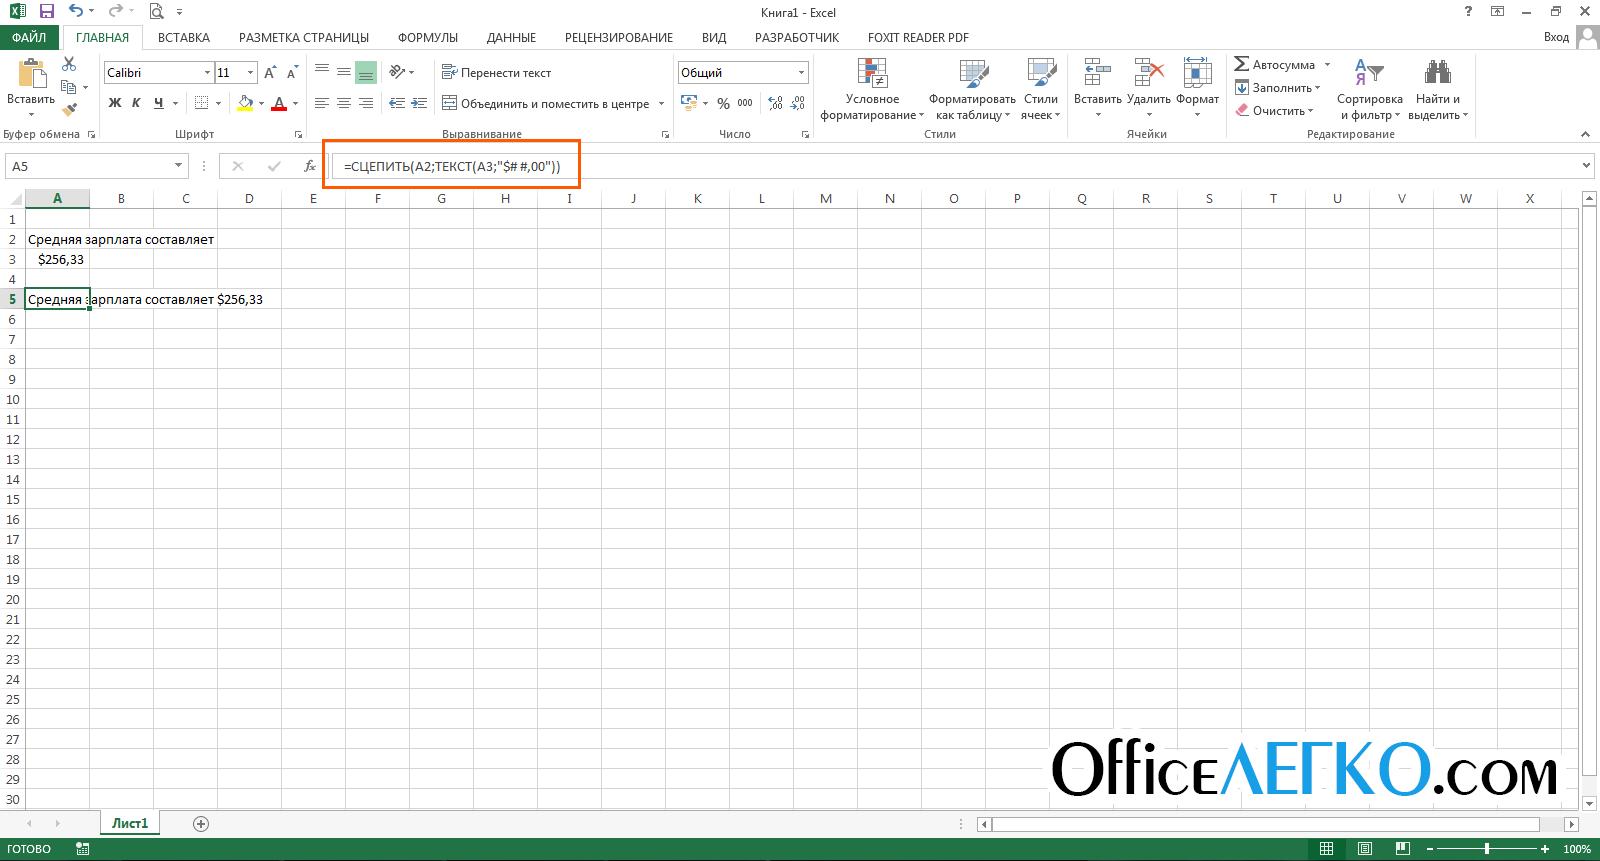 Если столбцы Excel стали цифрами, как сделать столбцы 66